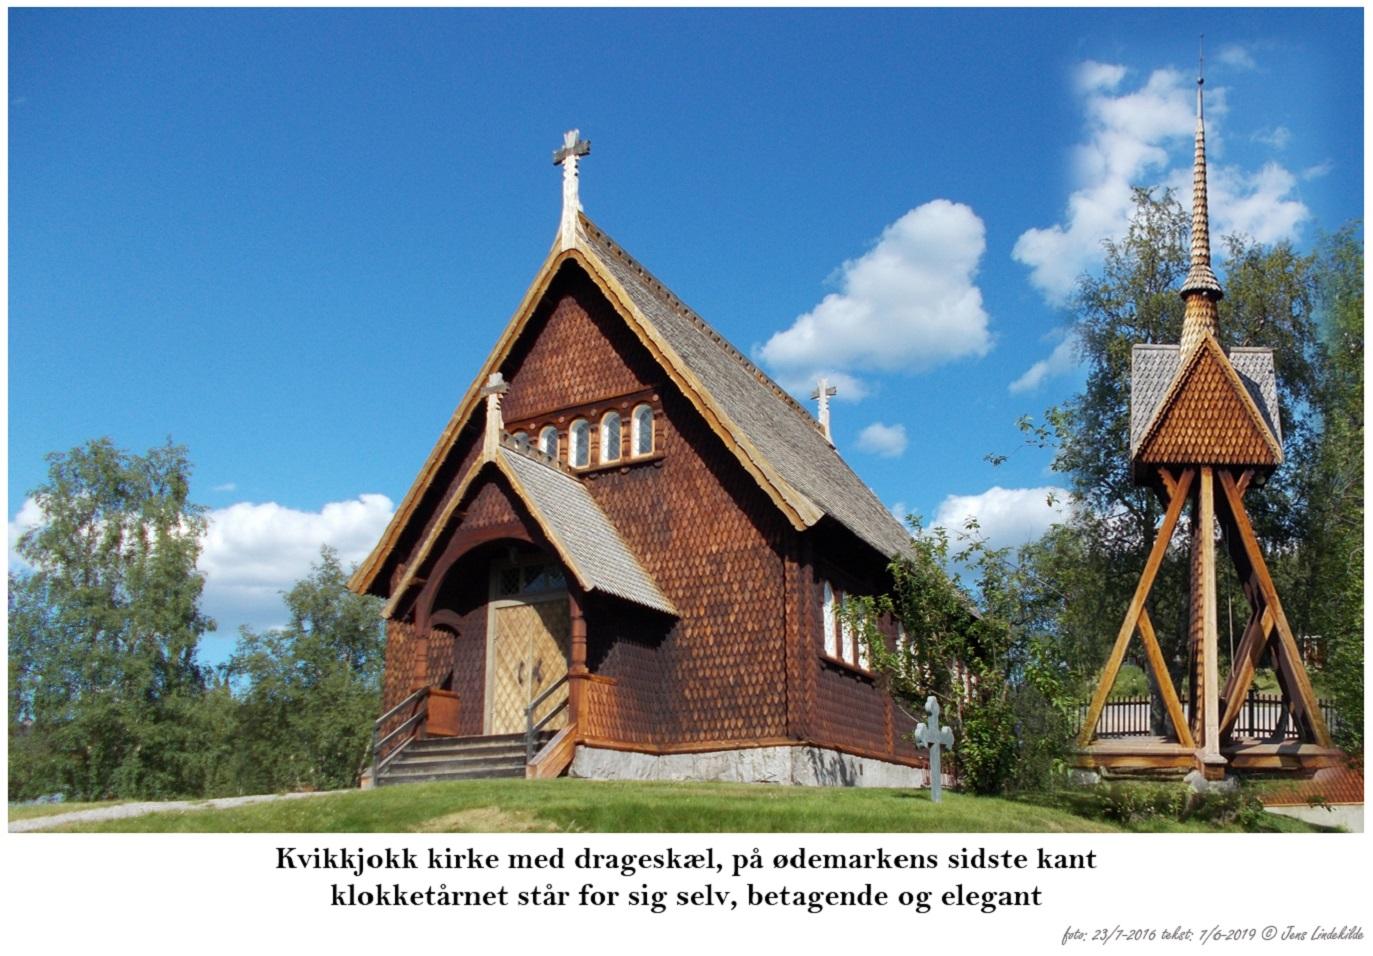 Kvikkjokk-kirke-med-drageskæl